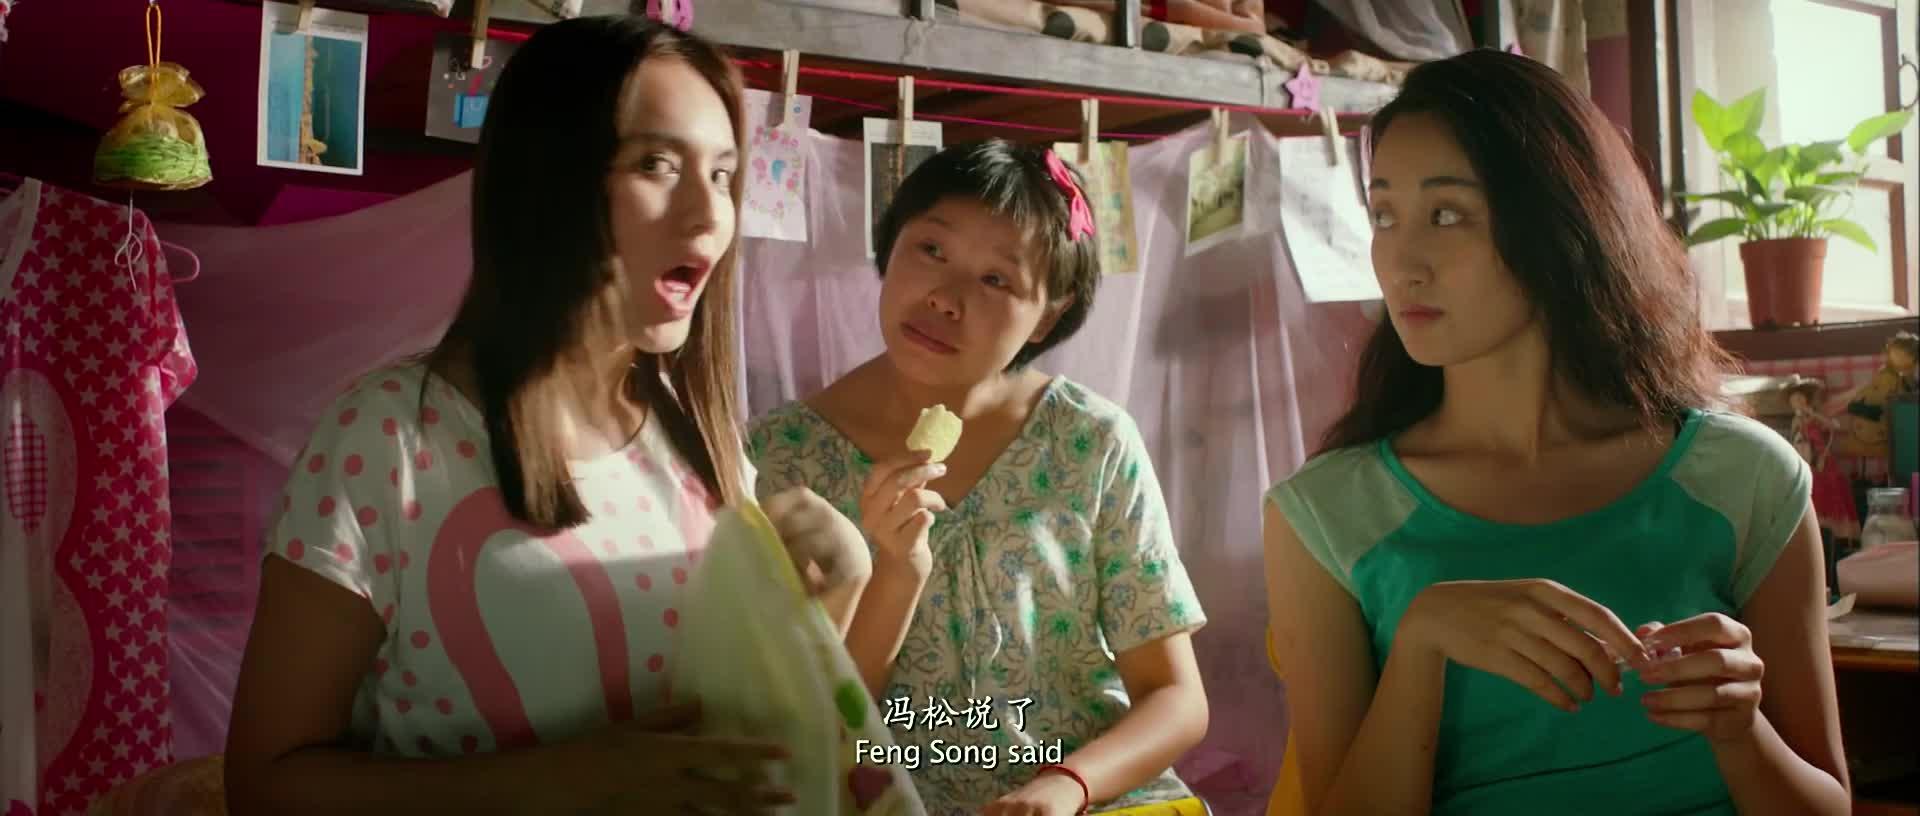 周惠身边的同学都开始打扮起来了,可她还是那样